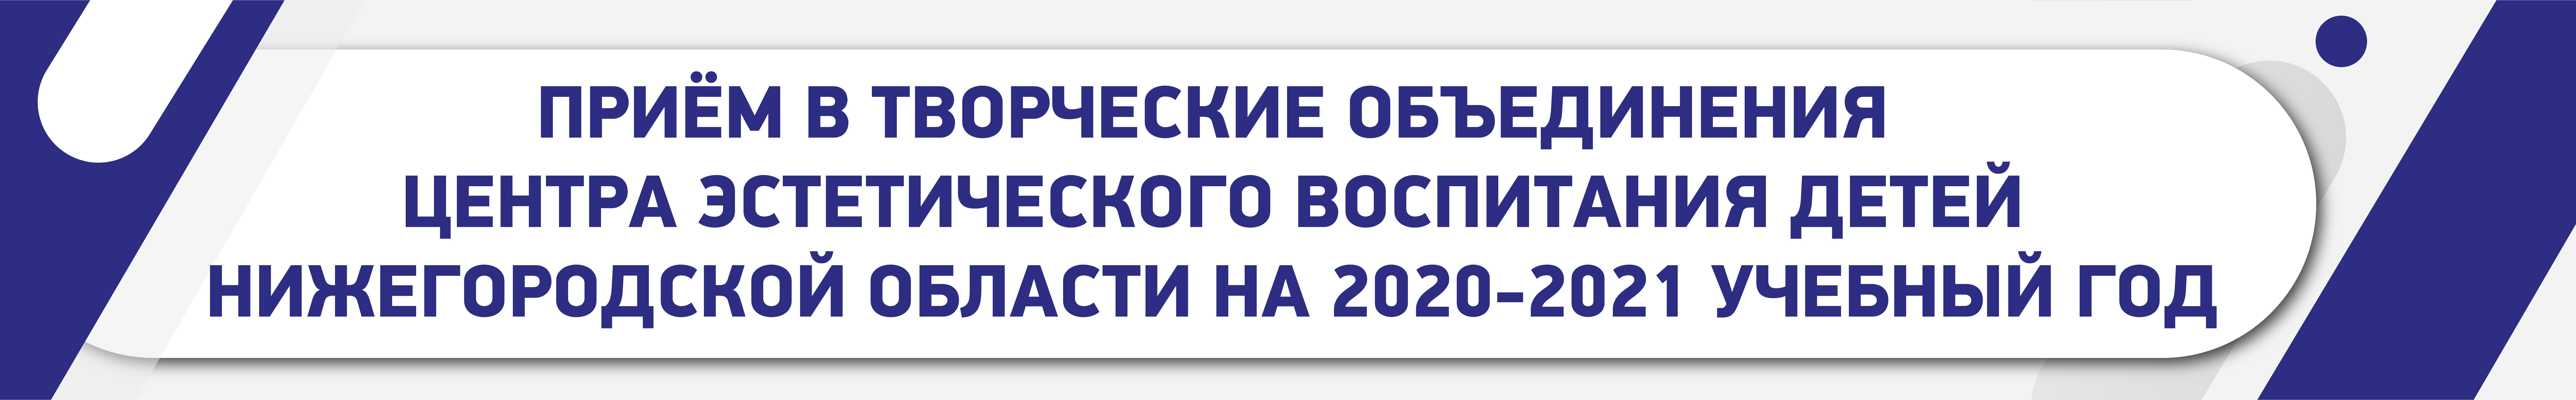 Приём в творческие объединения на 2020-2021 учебный год